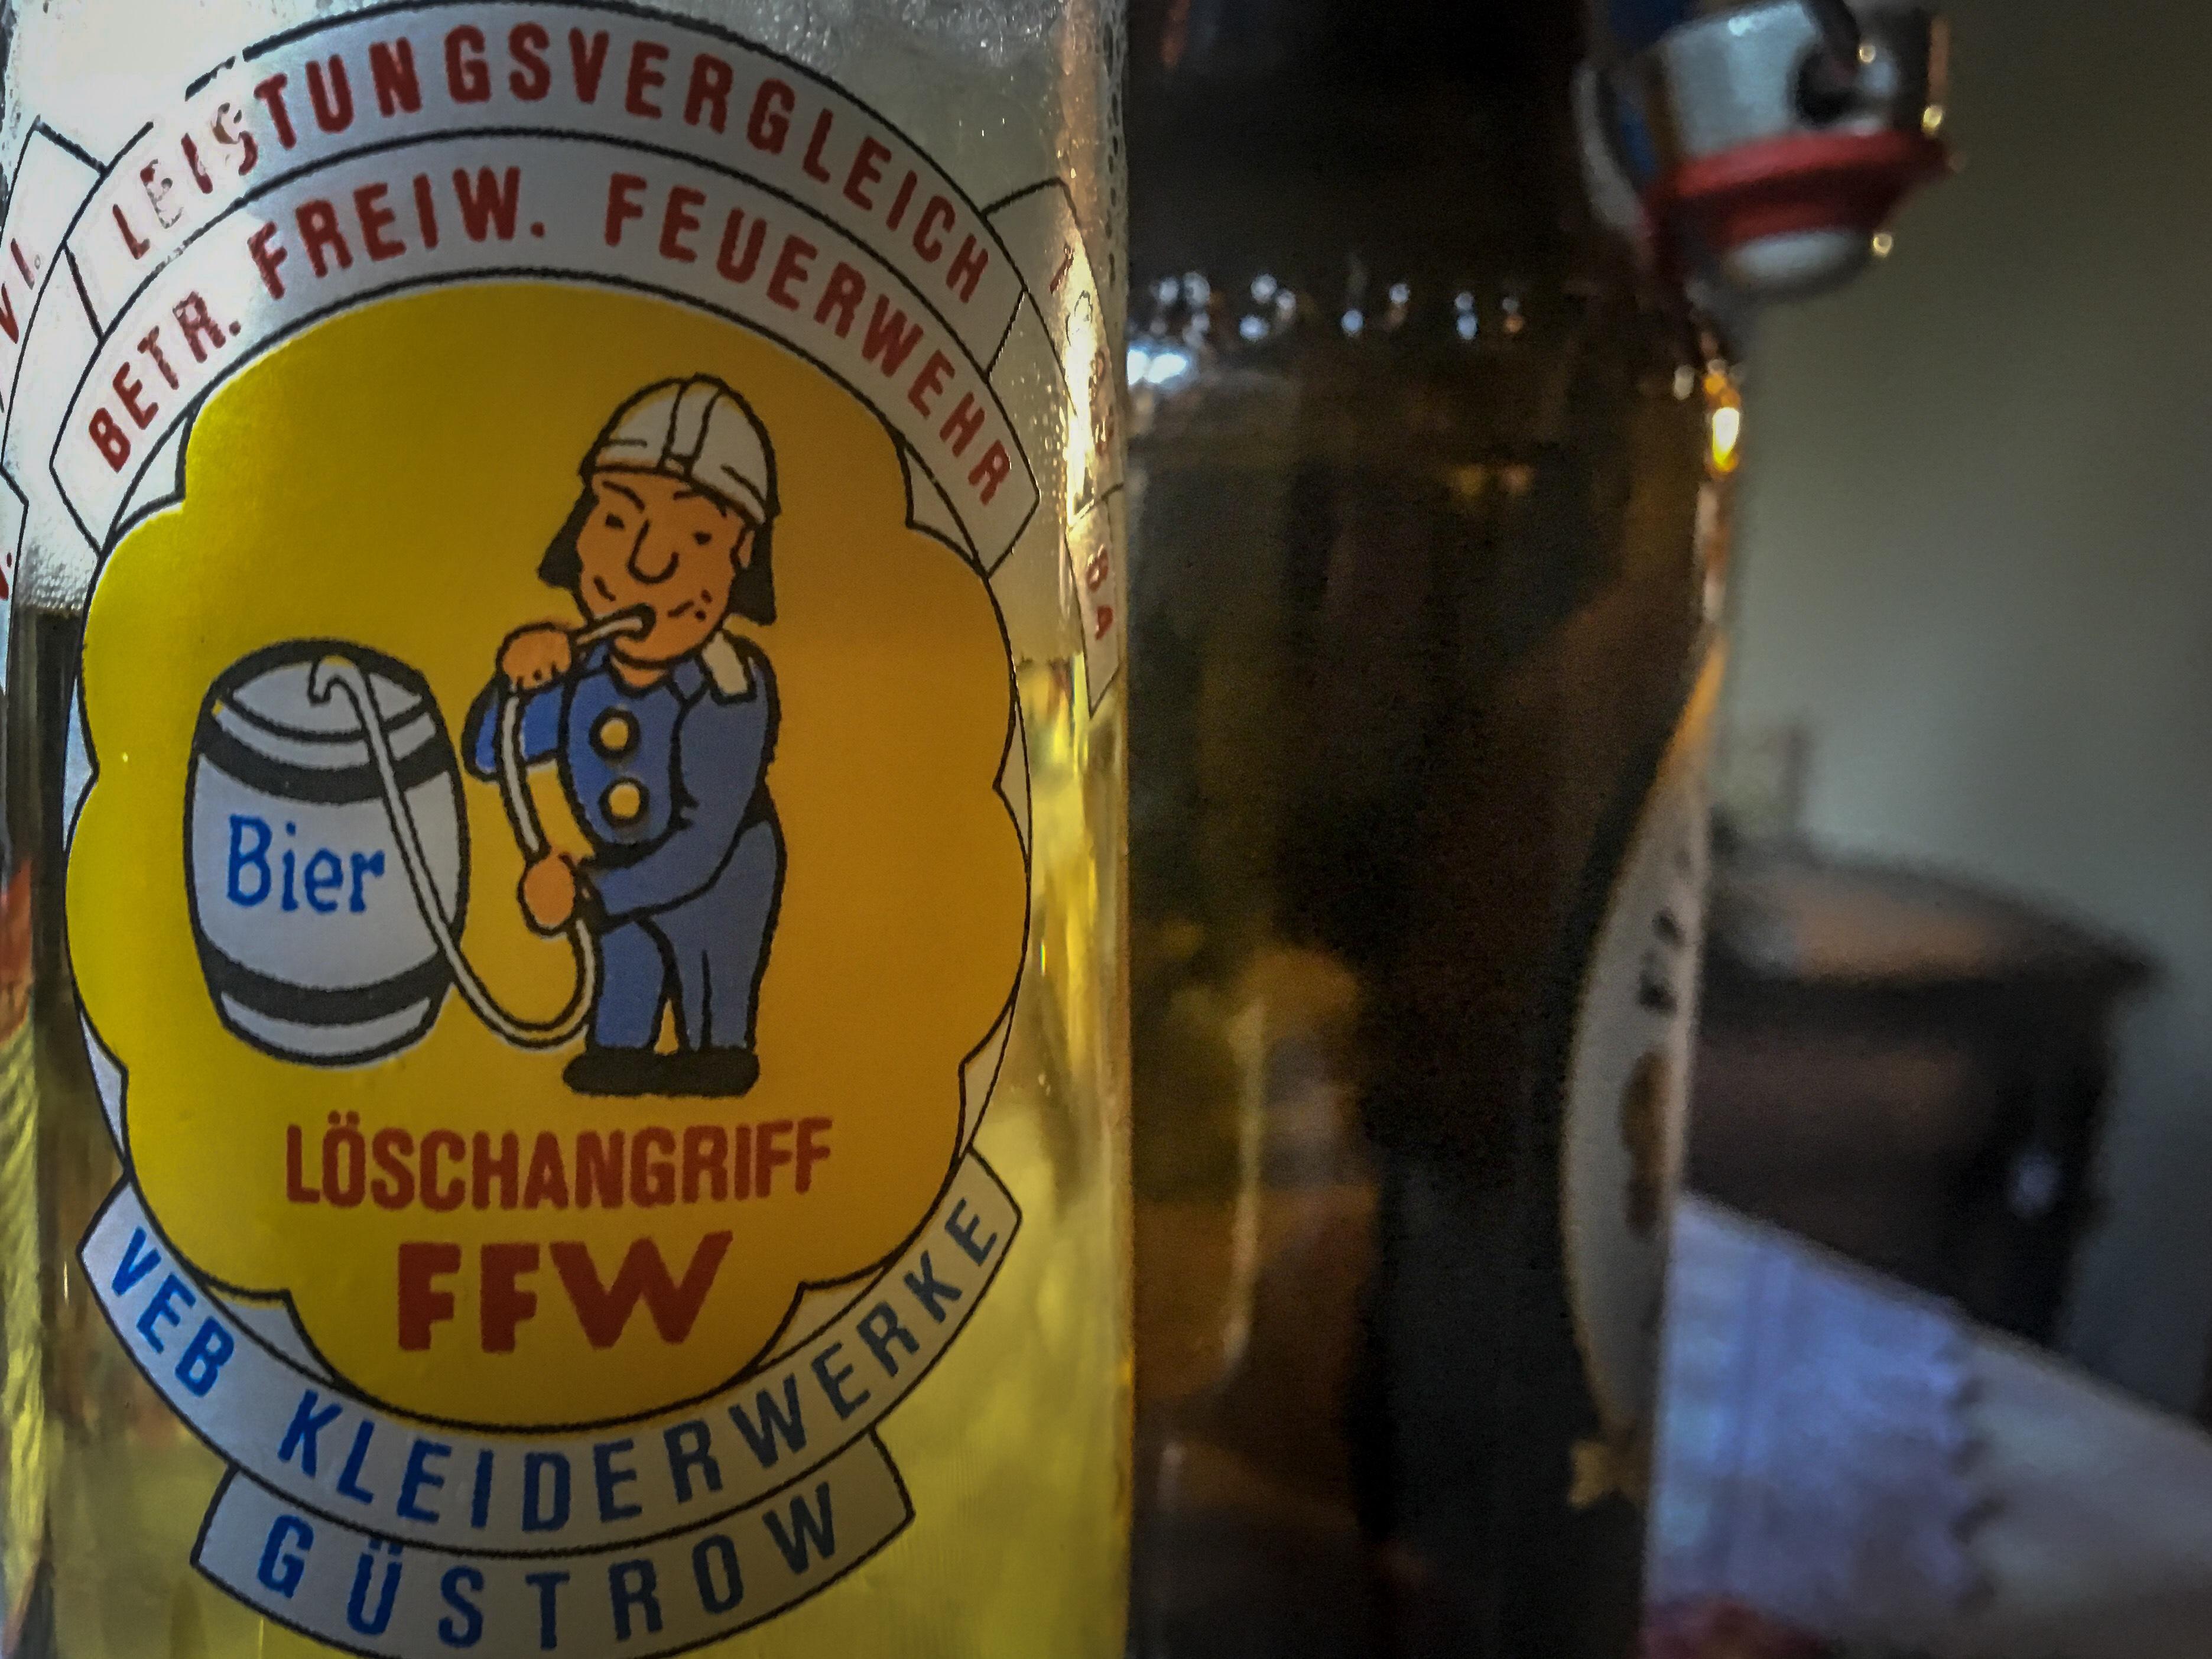 Bierglas anlässlich Feuerwehrwttkamof in Güstrow mit Feuerwehrmännchen, das direkt aus einem Bierfass trinkt